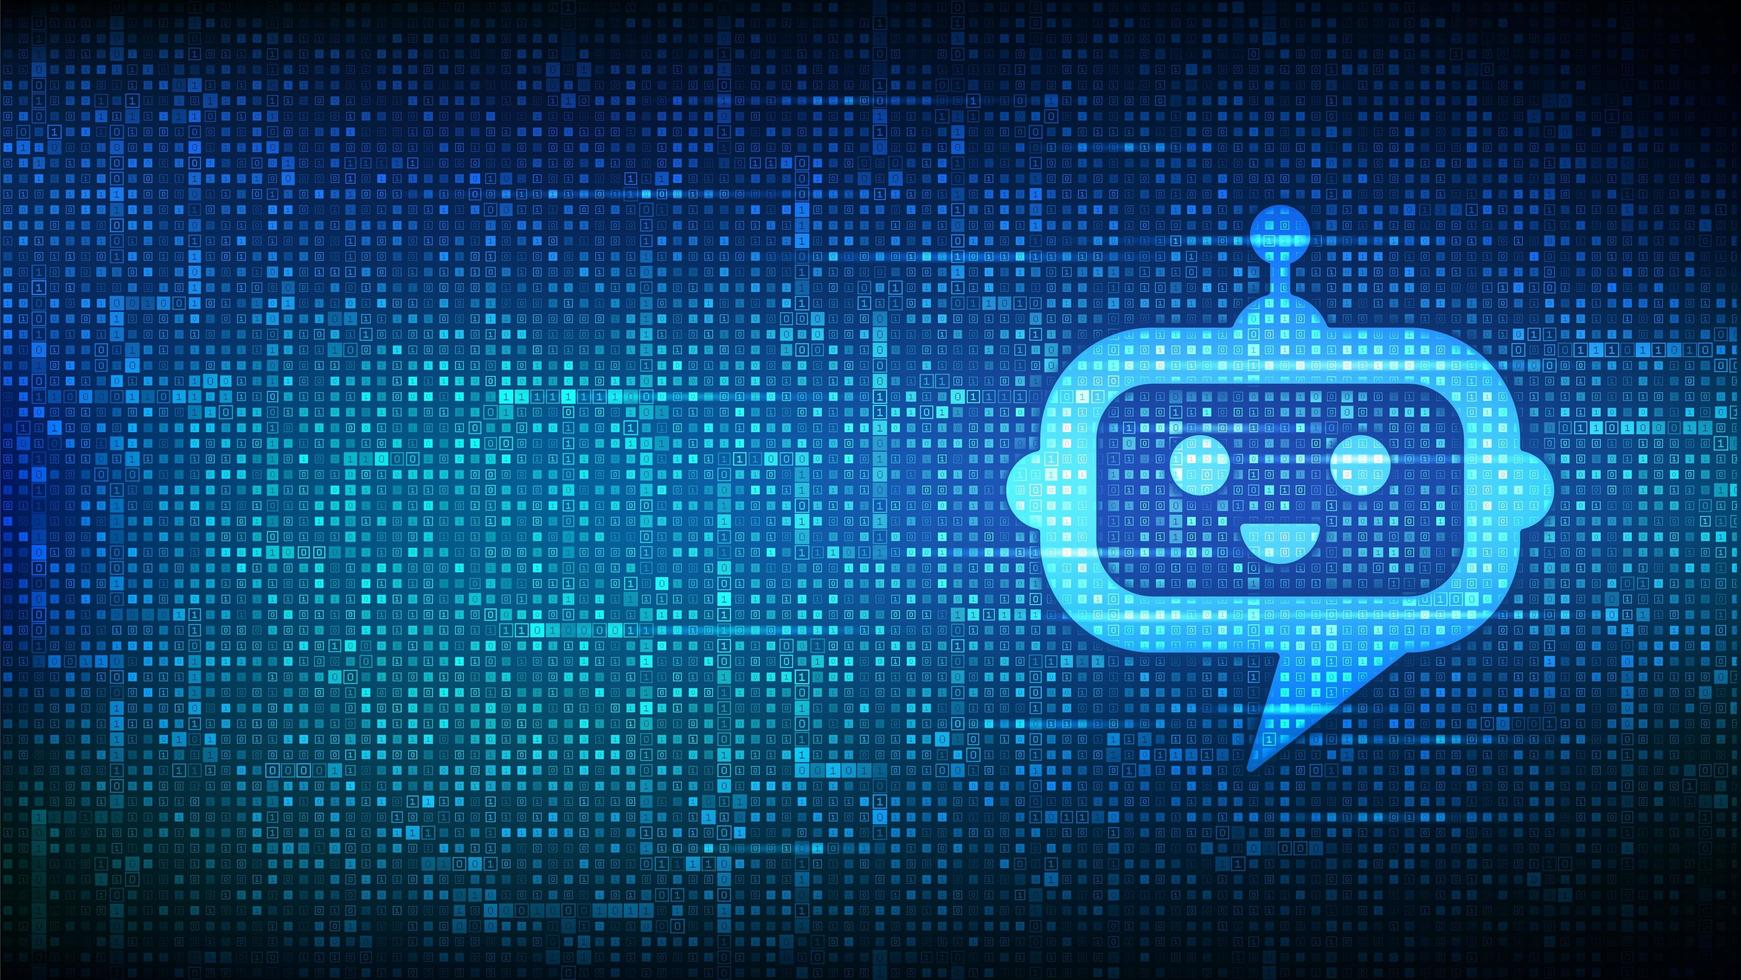 robô chatbot ícone cabeça sinal feito com código binário. vetor